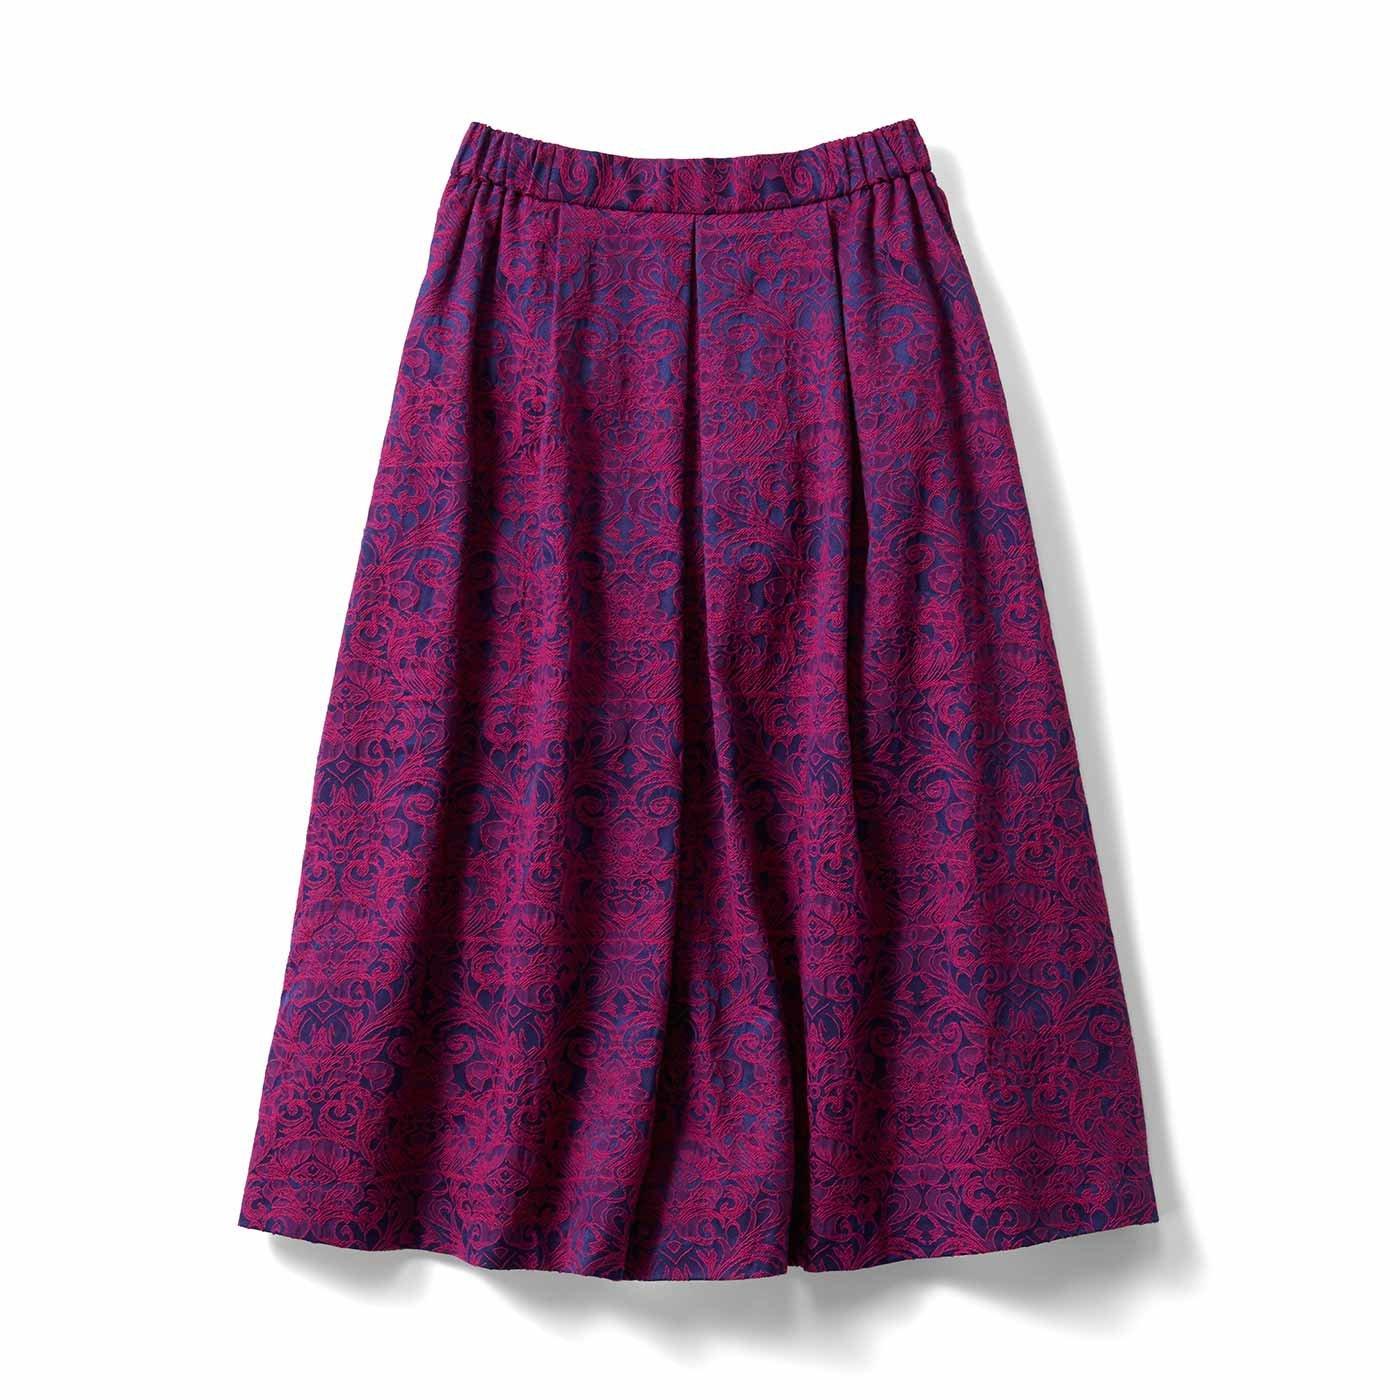 IEDIT[イディット] 裏フリース素材のジャカード柄フレアースカート〈ピンク〉